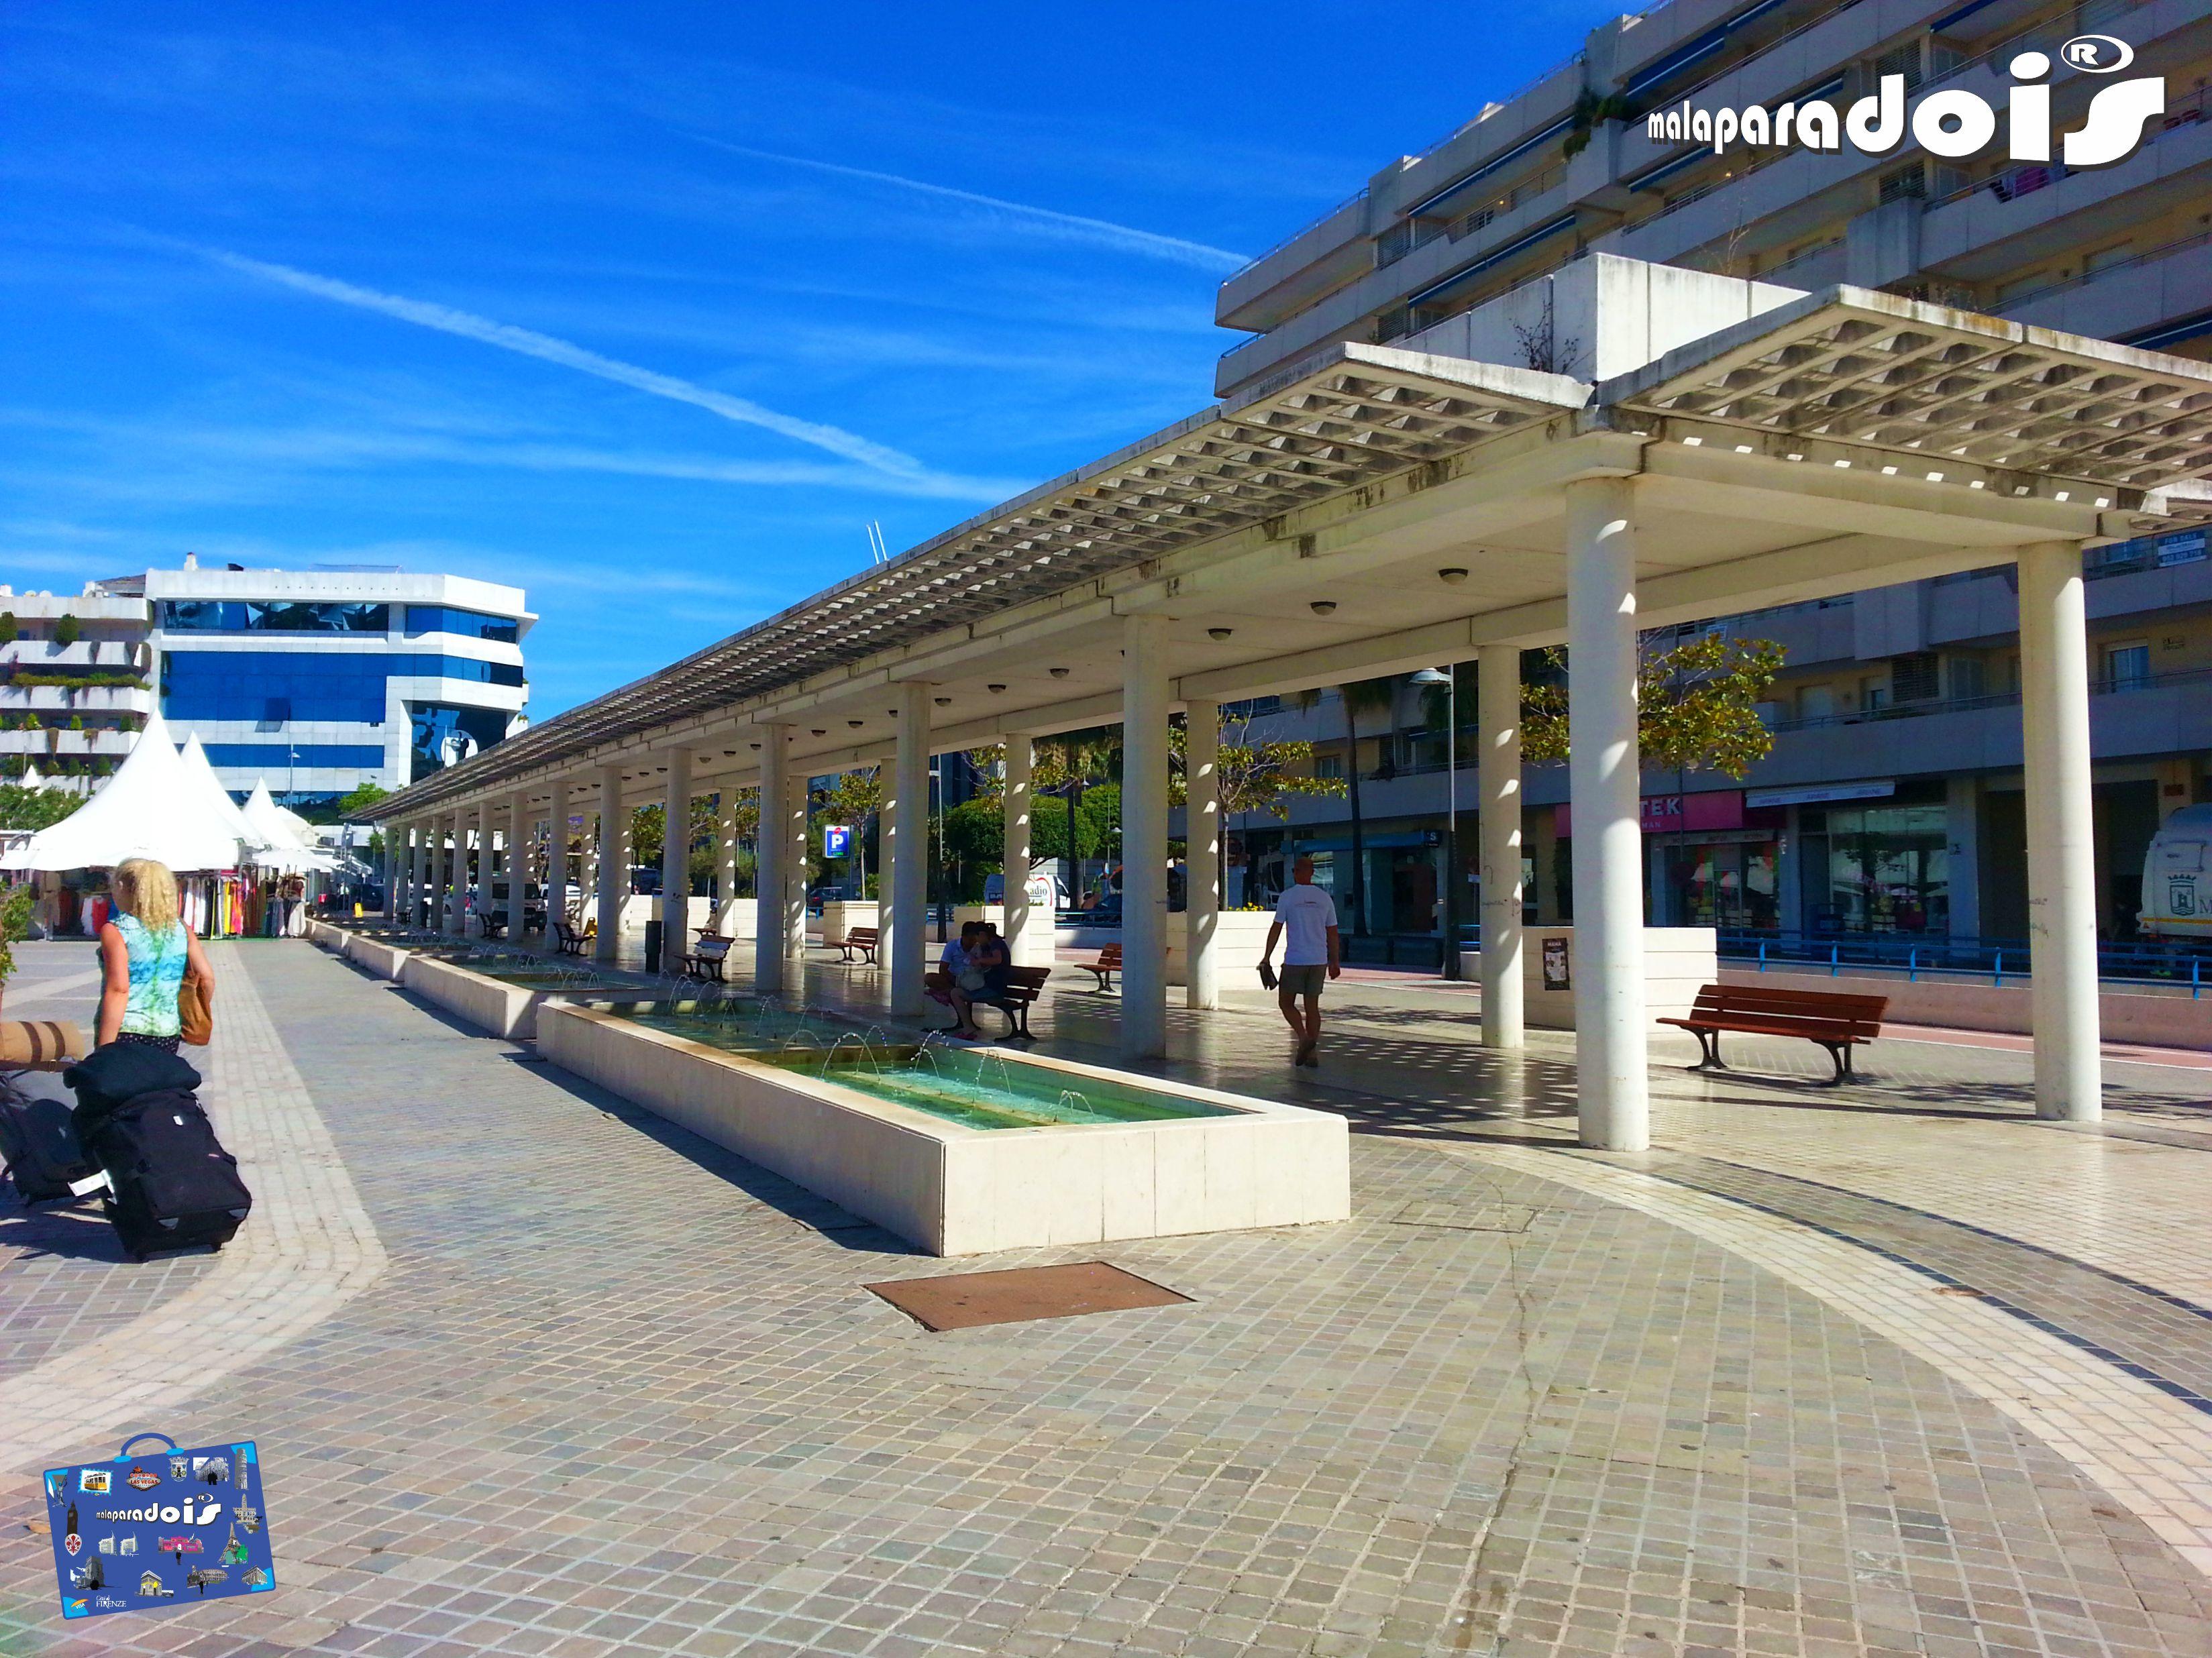 Plaza Antonio Banderas